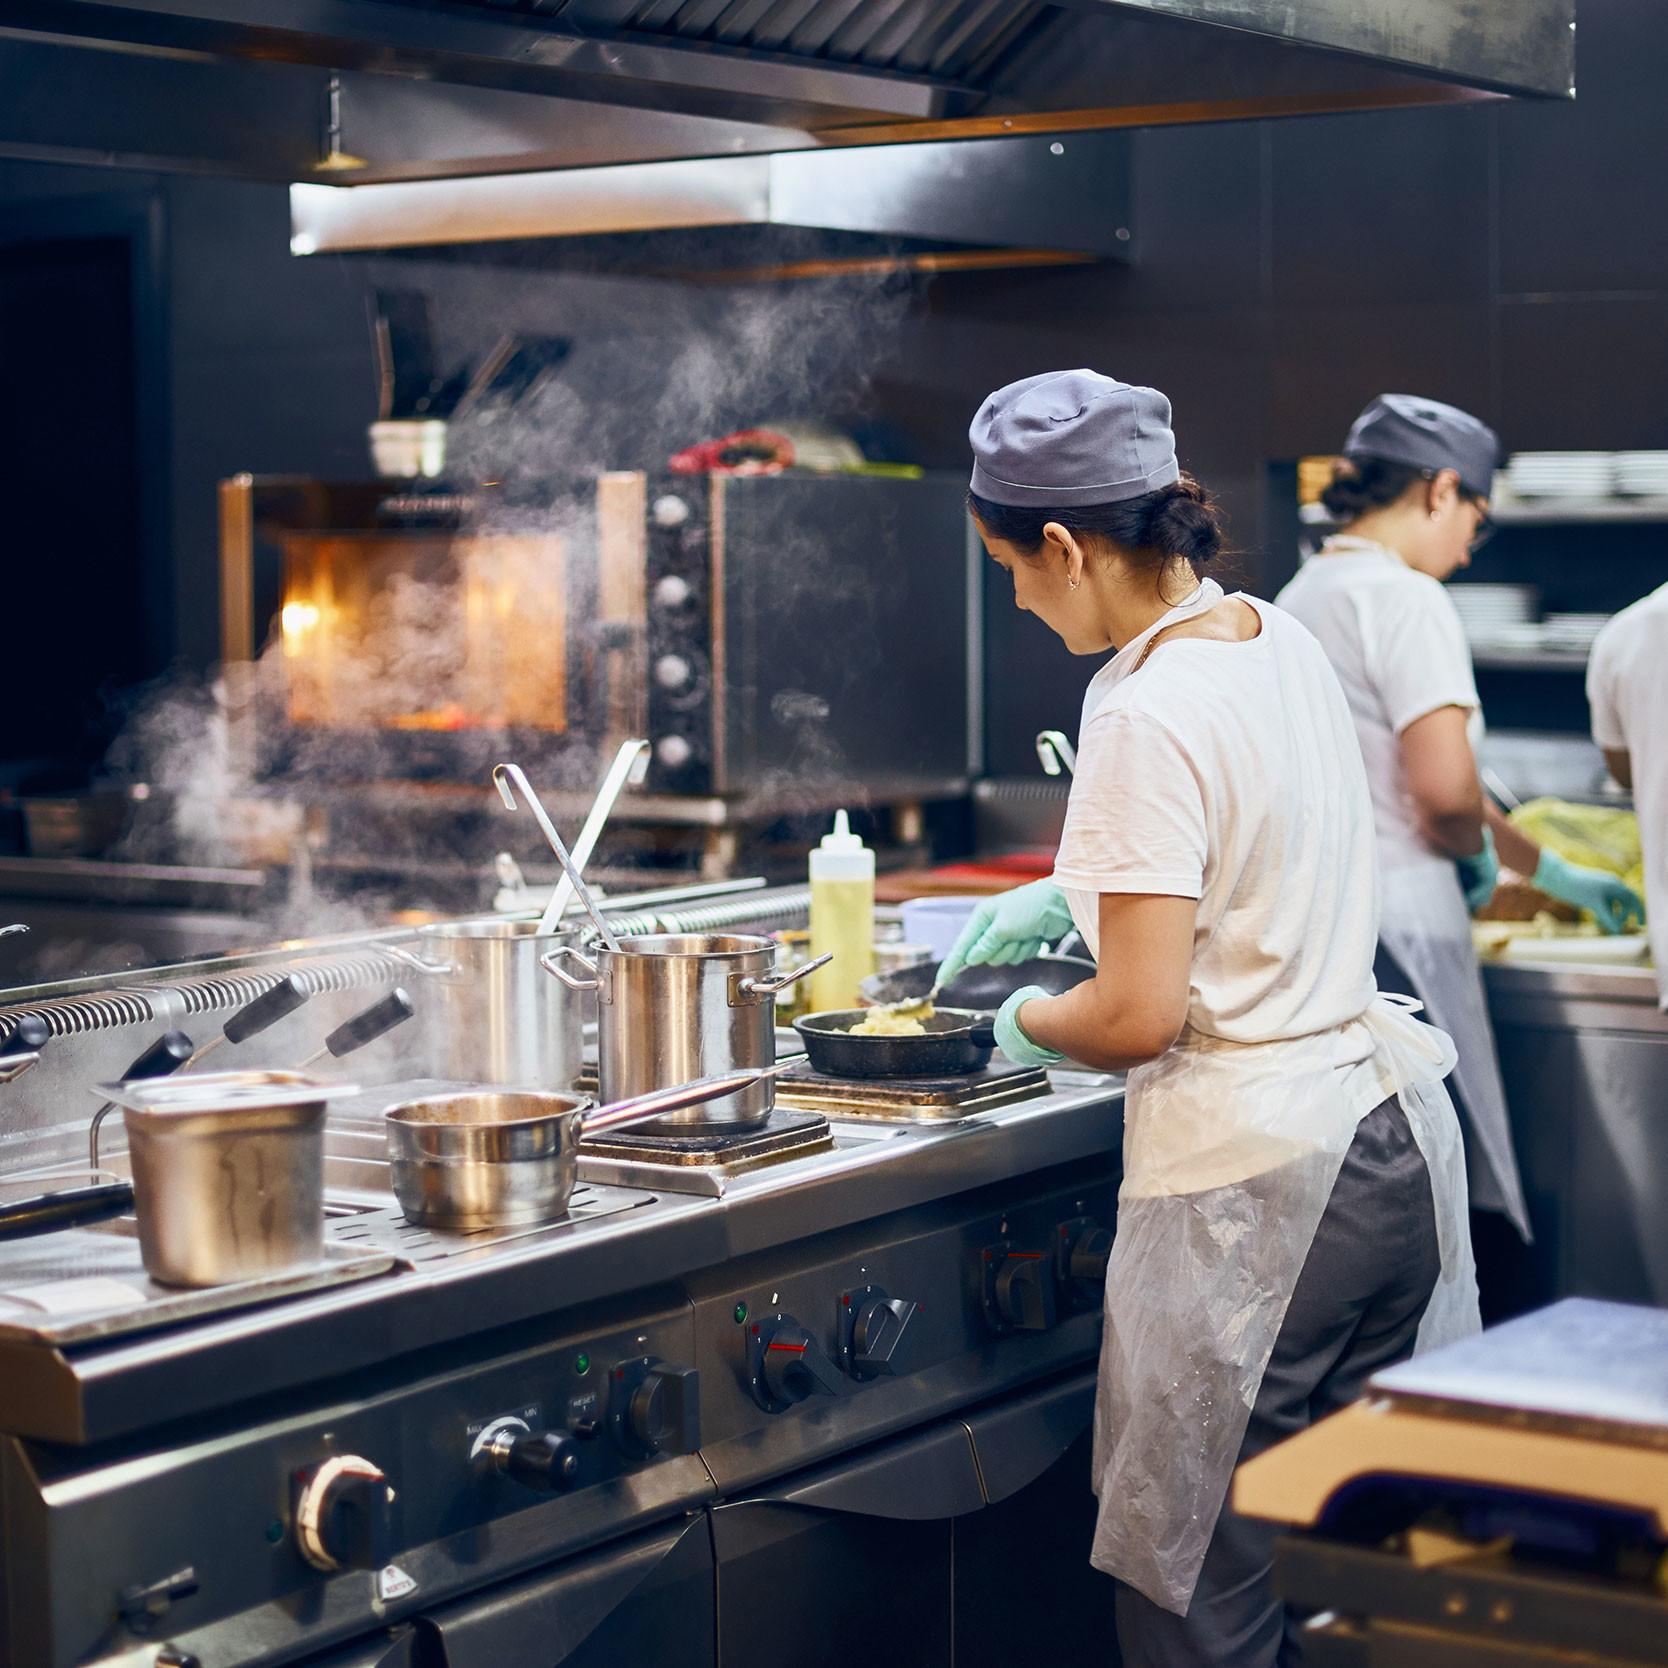 Ett storkök med professionella kylskåp och professionella frysskåp från Colia. Vi erbjuder kylrum och frysrum m.m.